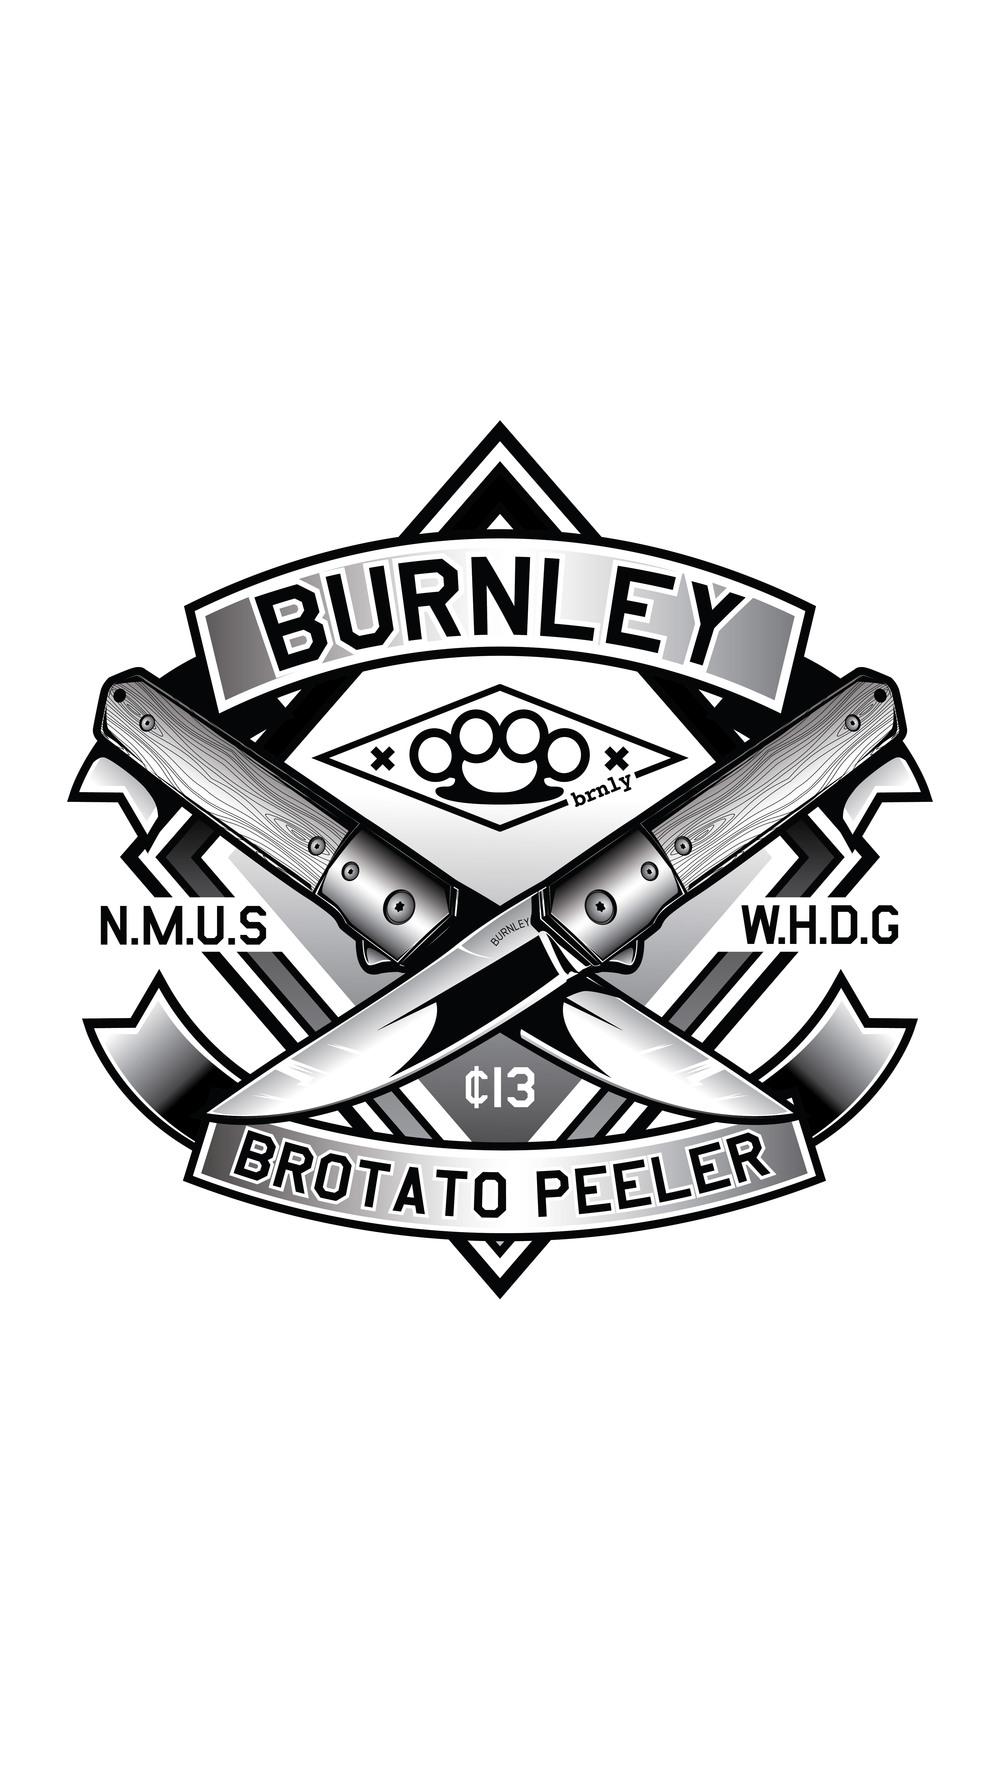 BURNLEY BROTATO PEELER WHITE.jpg